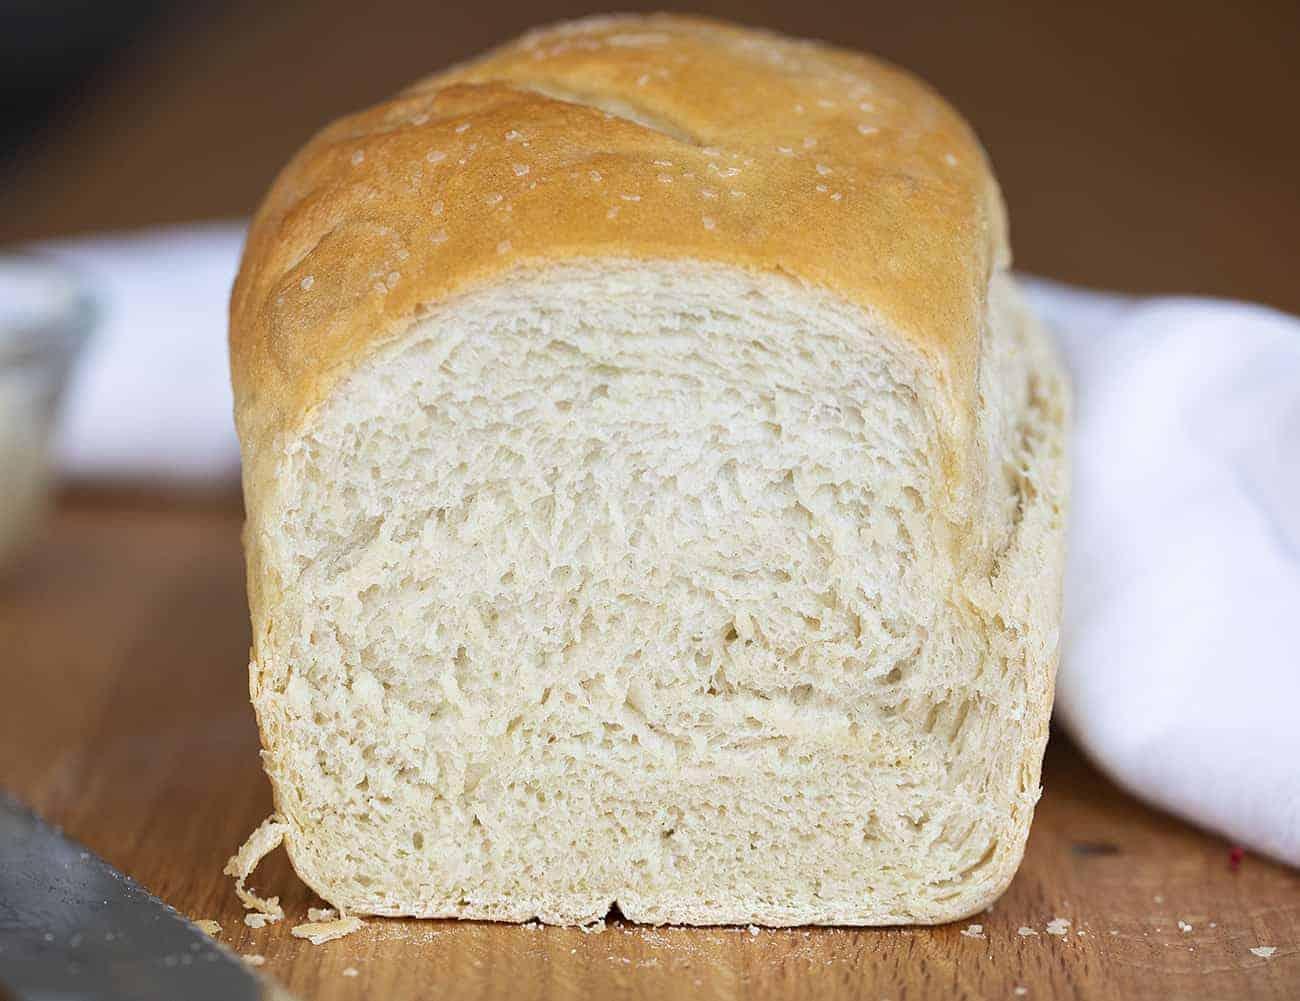 Cut into Simple White Bread